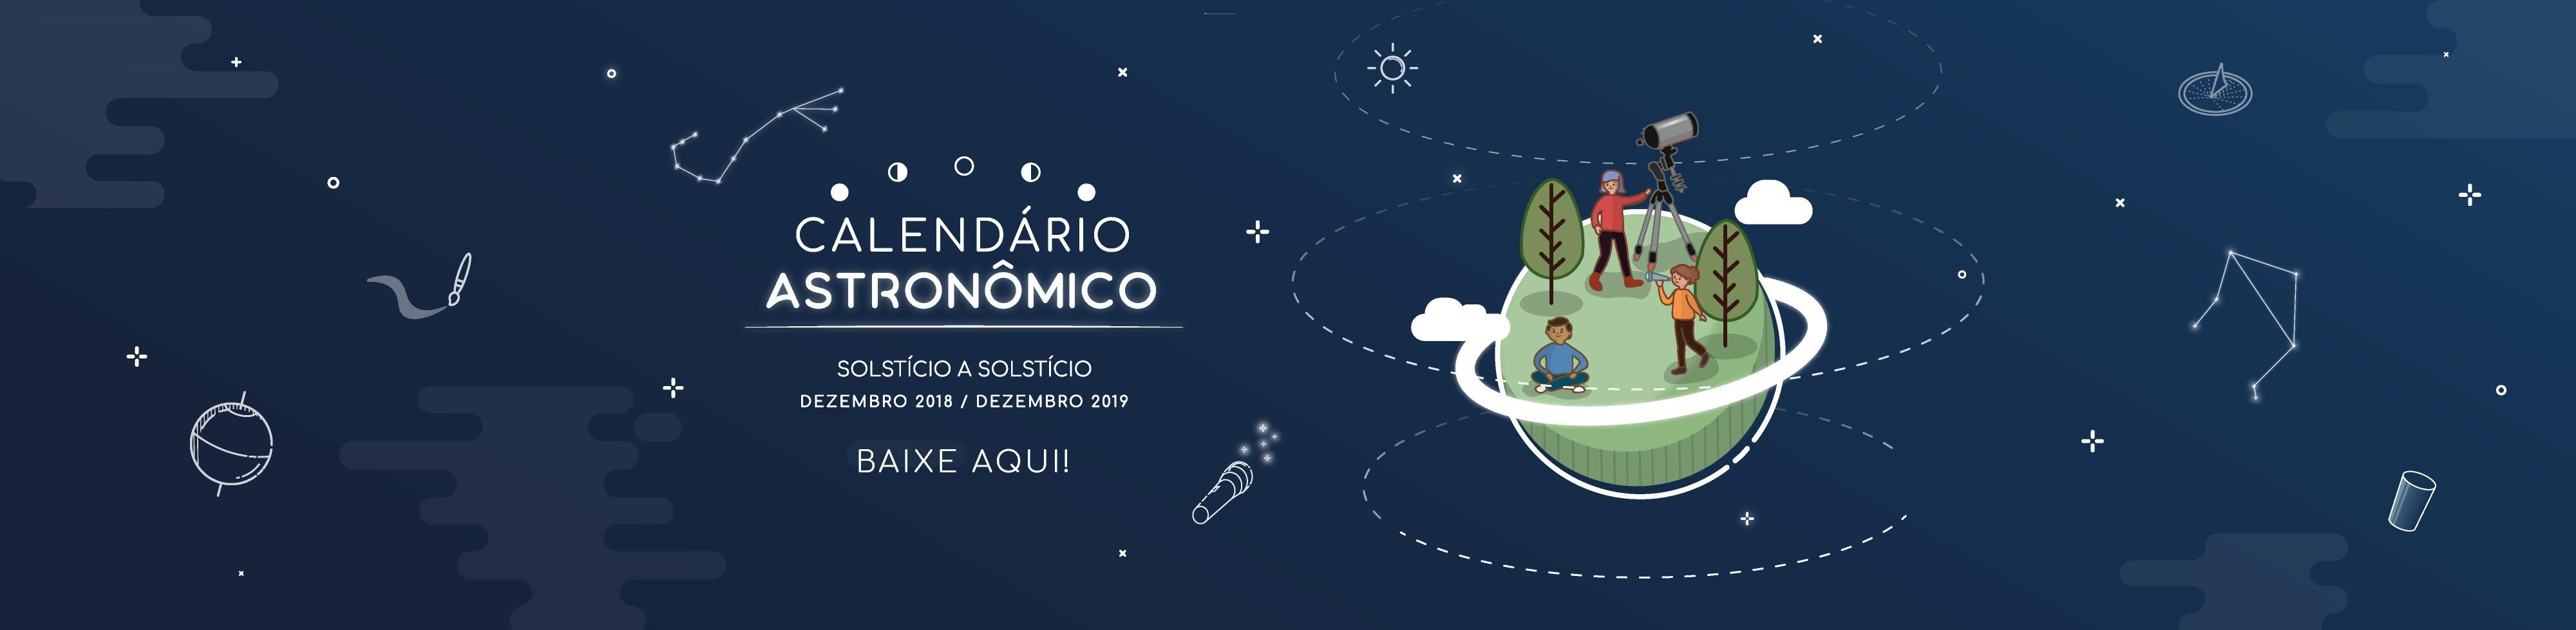 Calendario De Feiras 2019 Brasil Más Populares Espa§o Do Conhecimento Ufmg